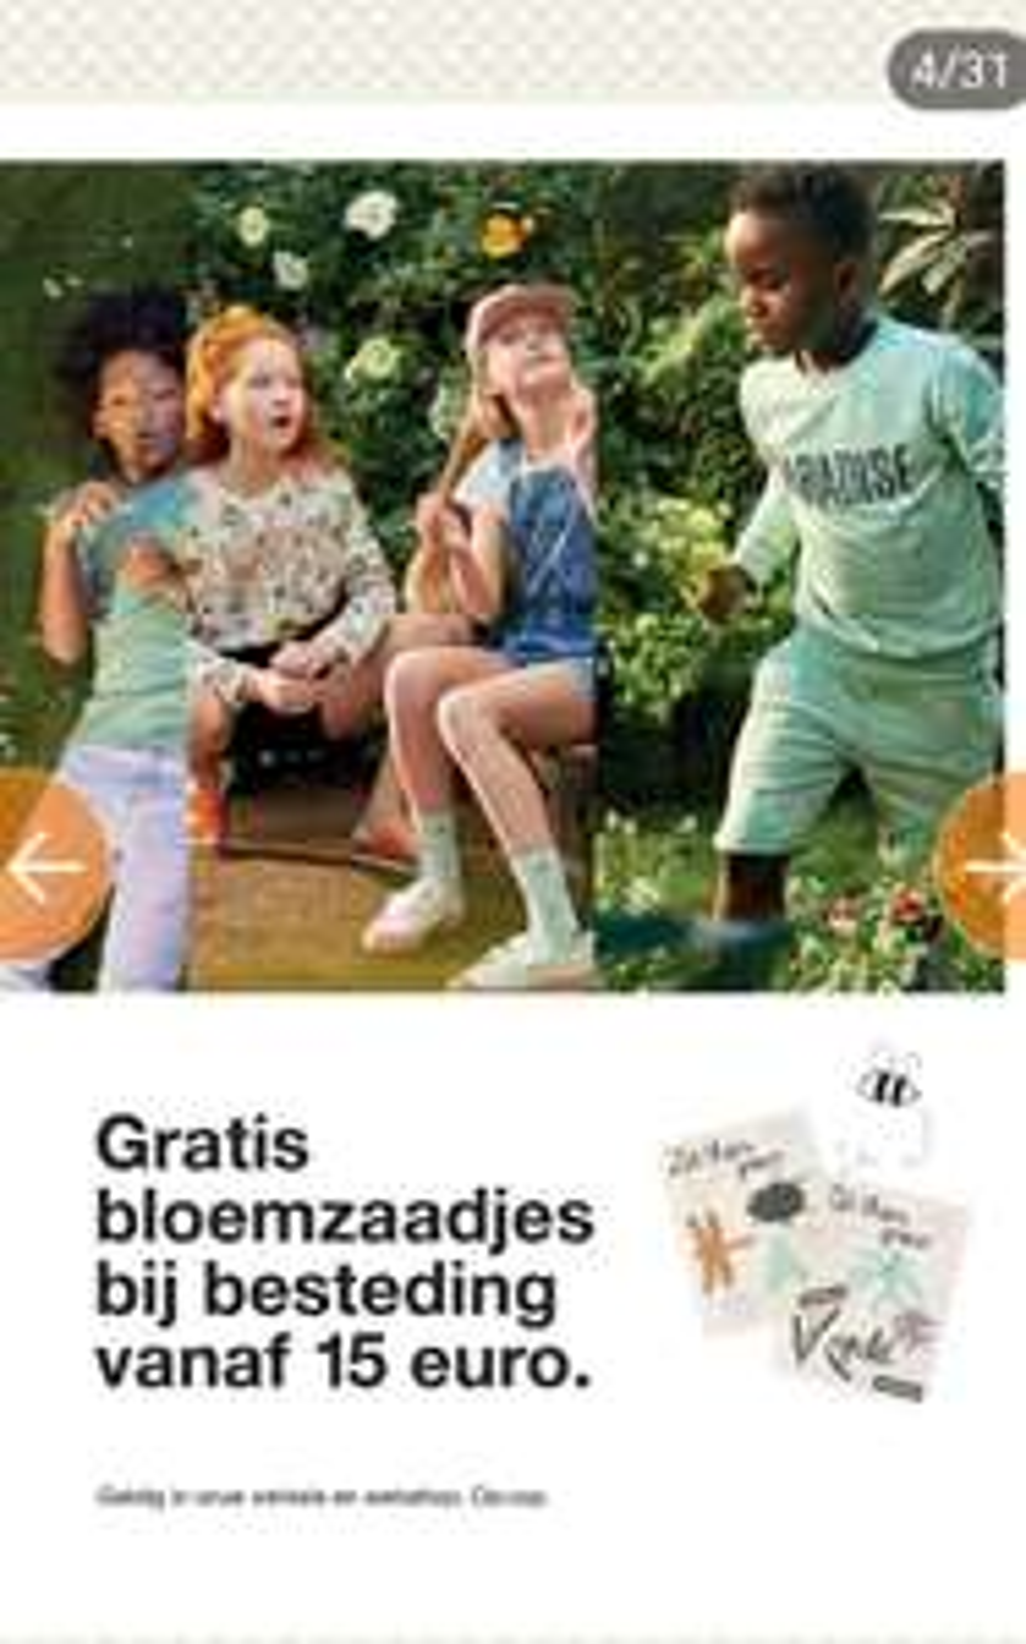 Vanaf zaterdag: Bij besteding van 15€ gratis bloemzaadjes @zeeman